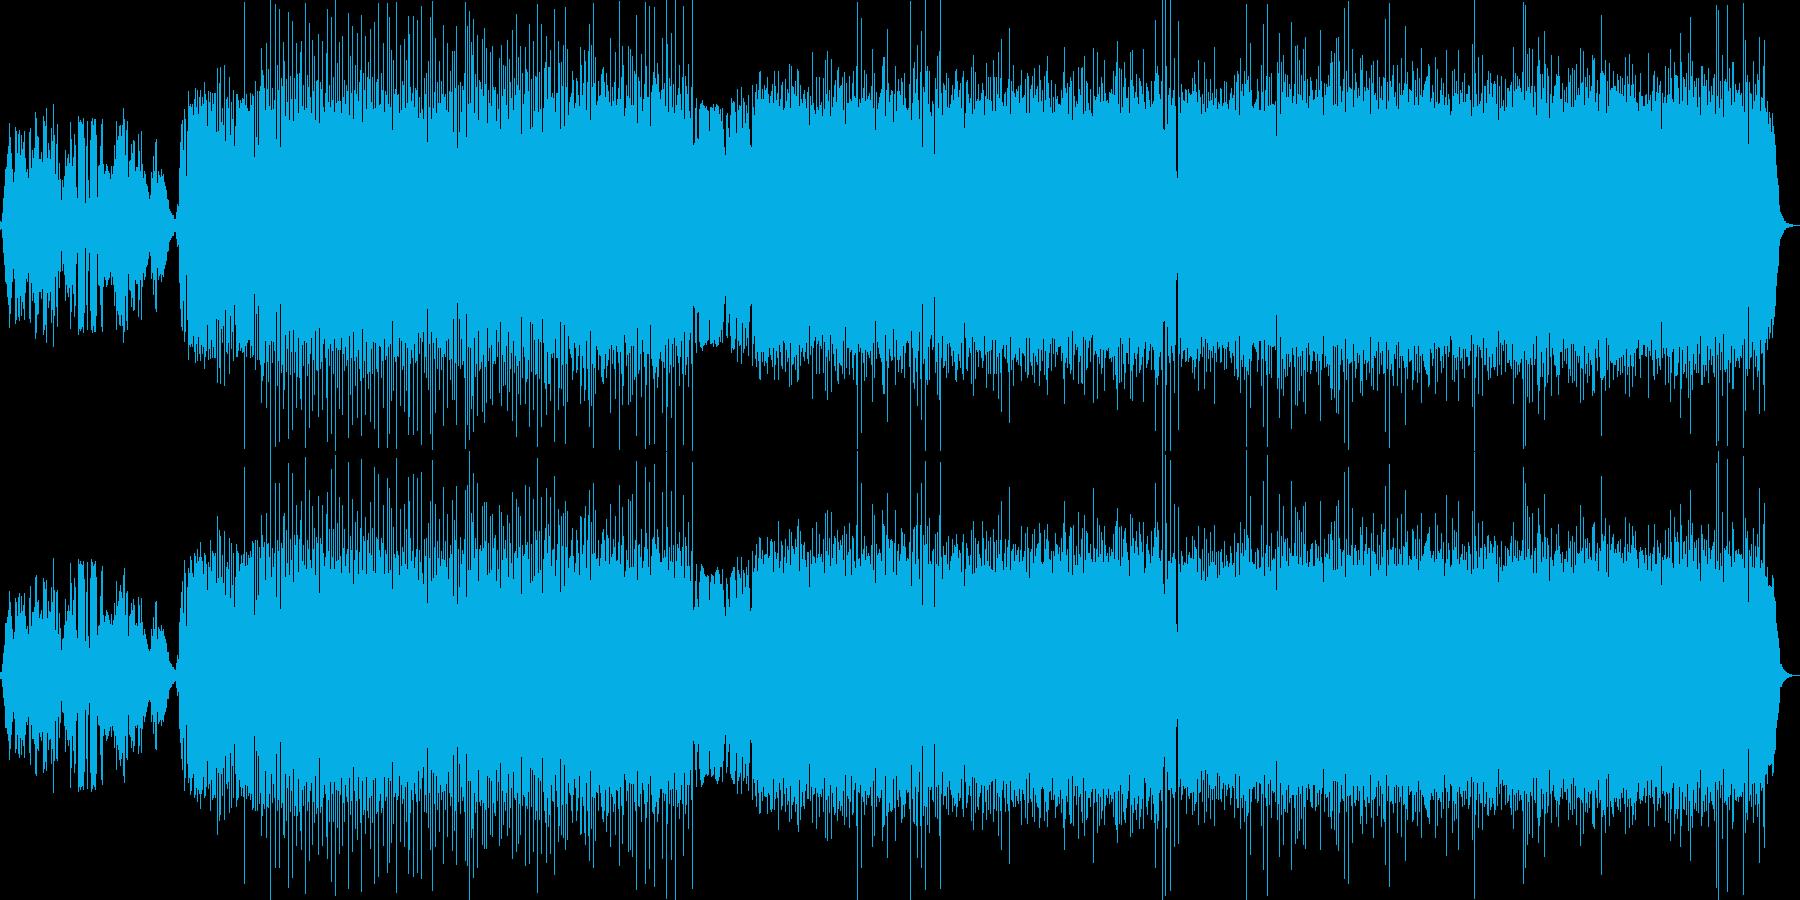 アイルランドとスコットランドの音楽の再生済みの波形